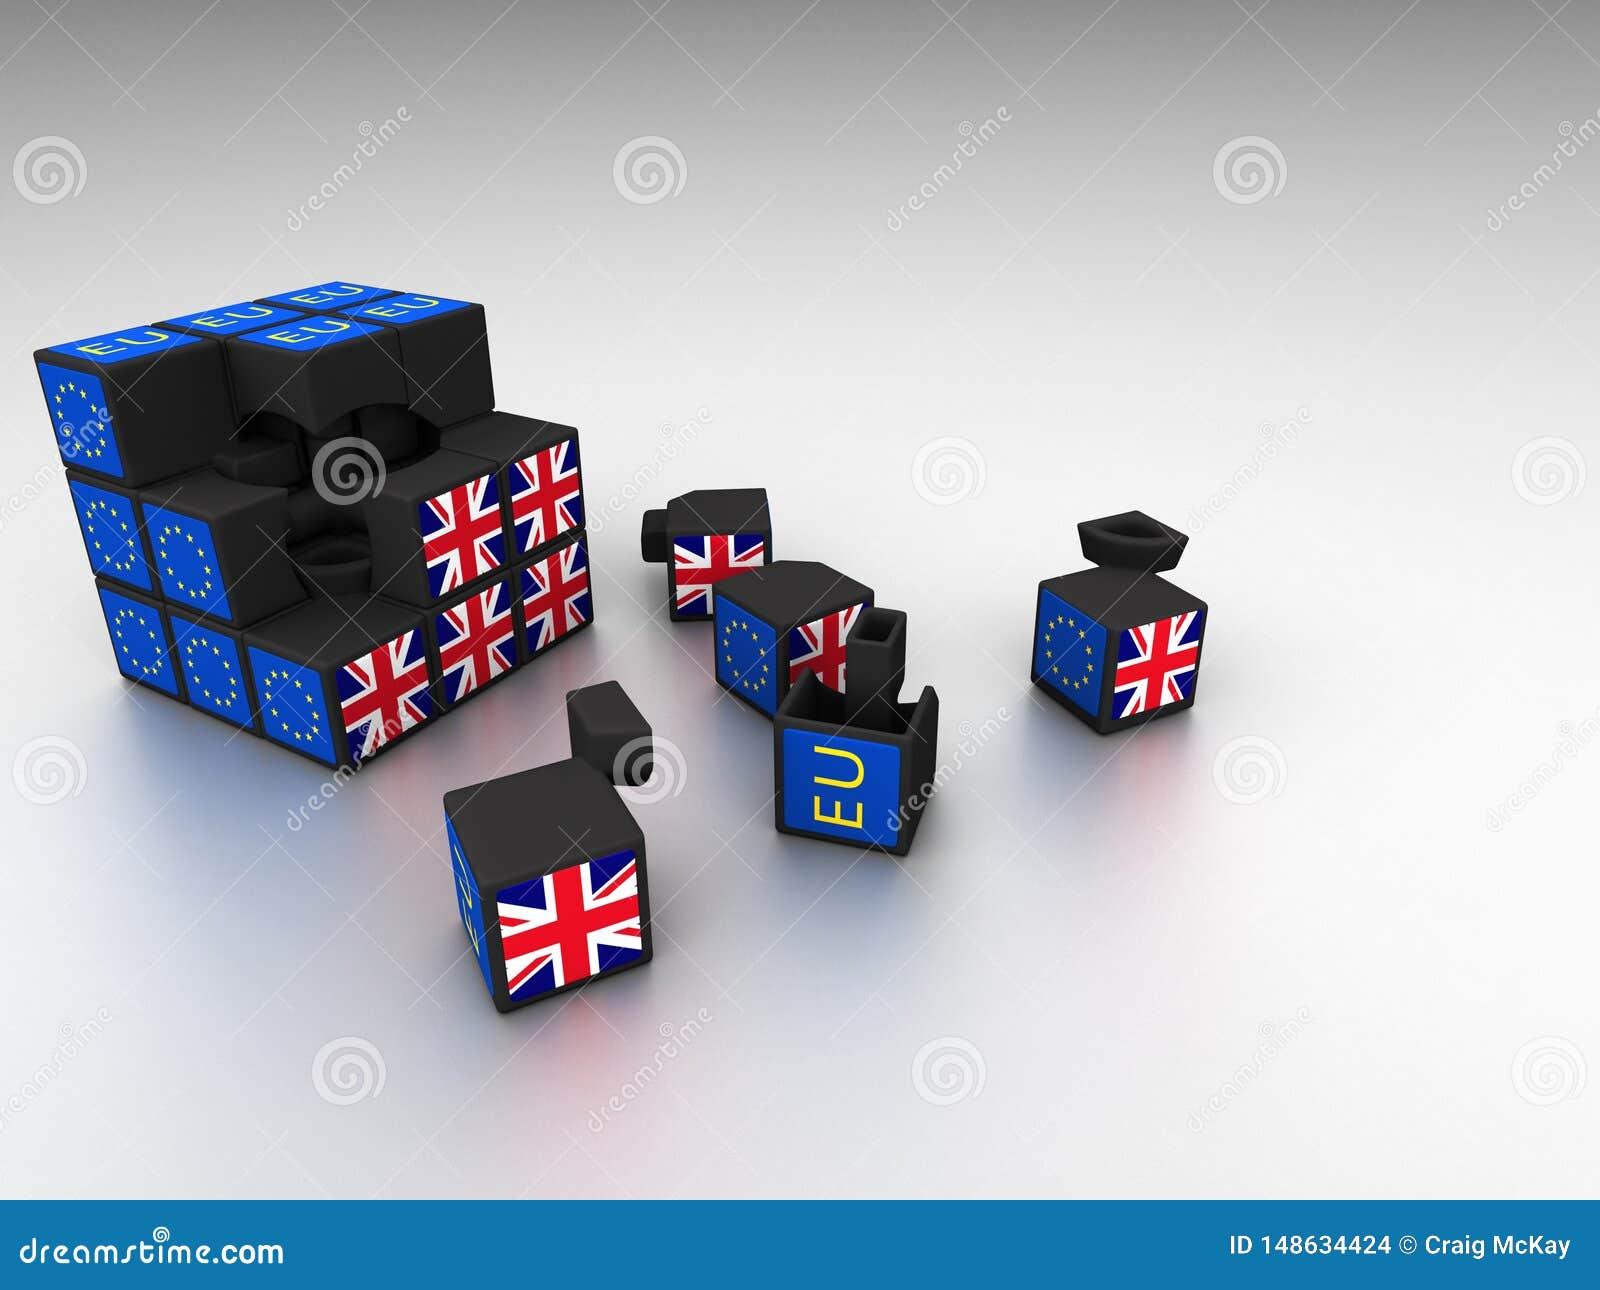 Metáfora do cubo de Brexit para o fiasco de Brexit